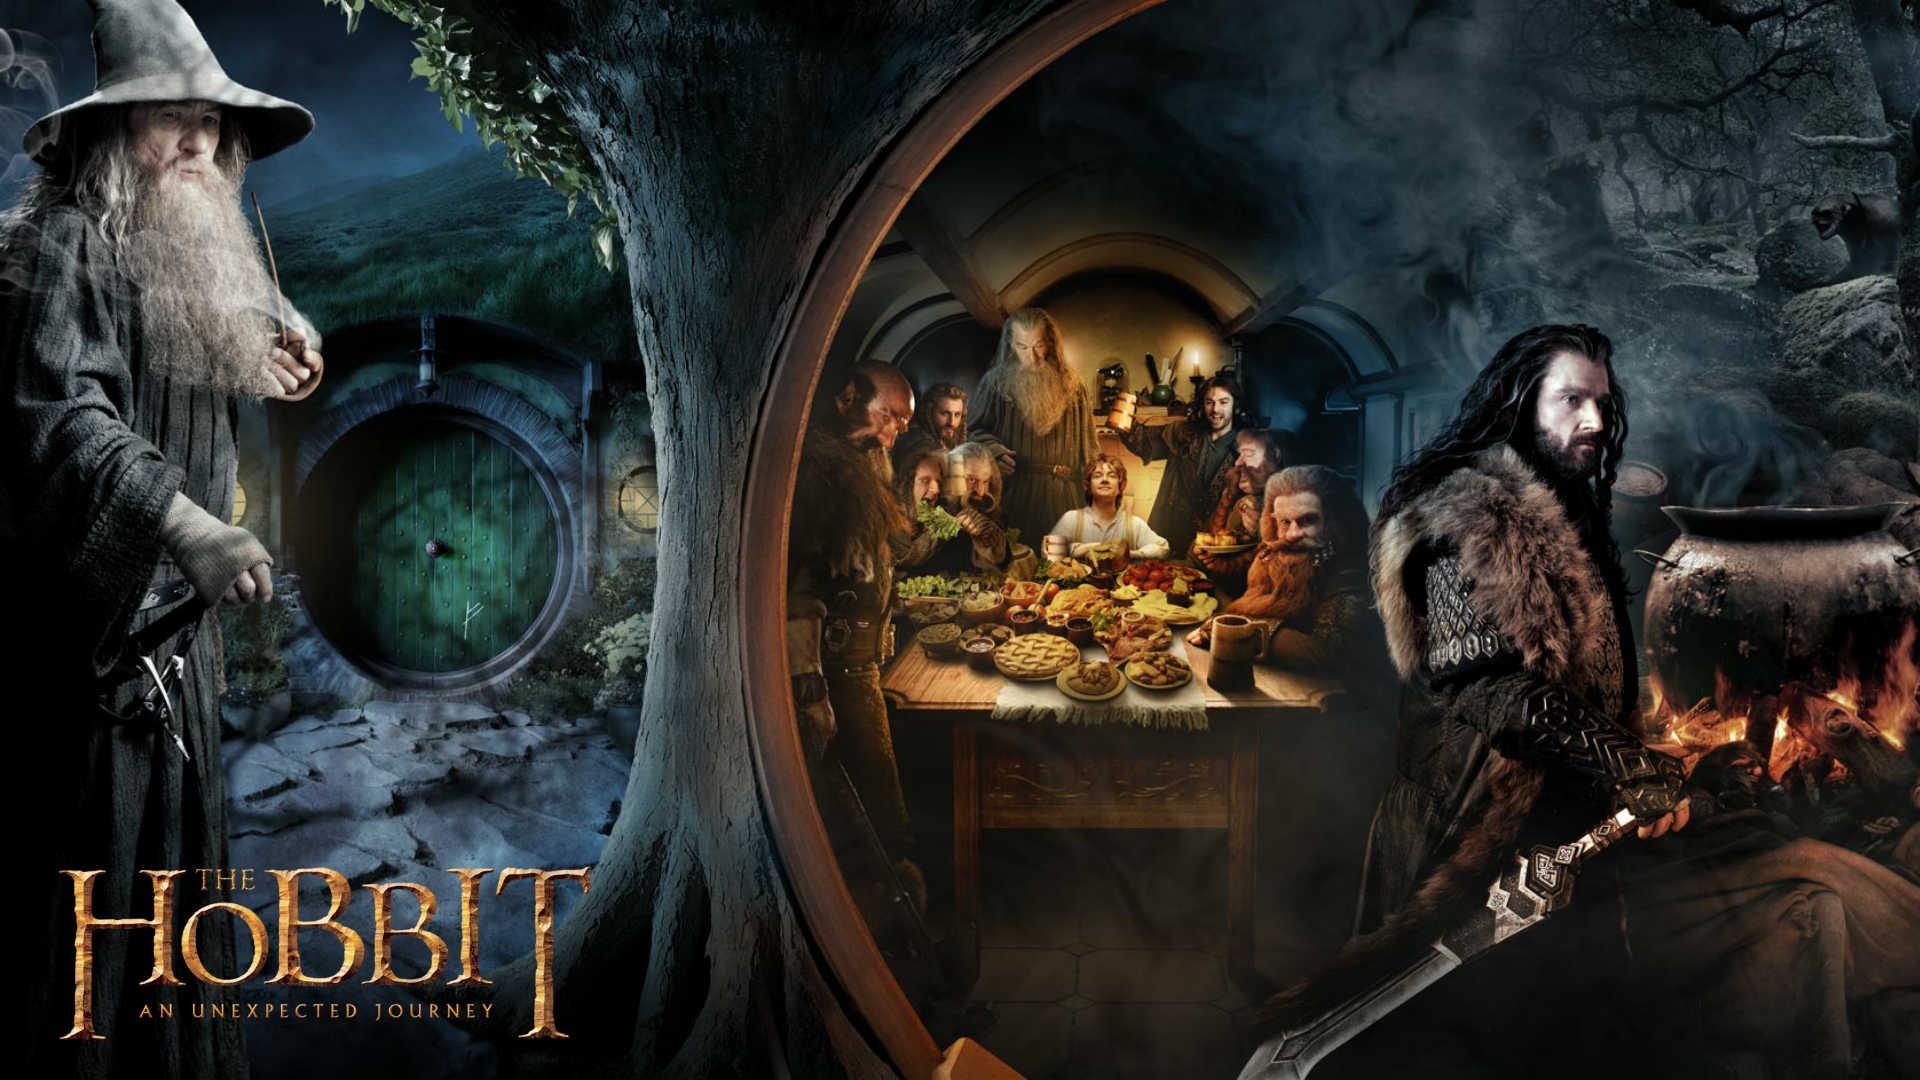 The Hobbit Desktop wallpapers 1920x1080 4 1920x1080